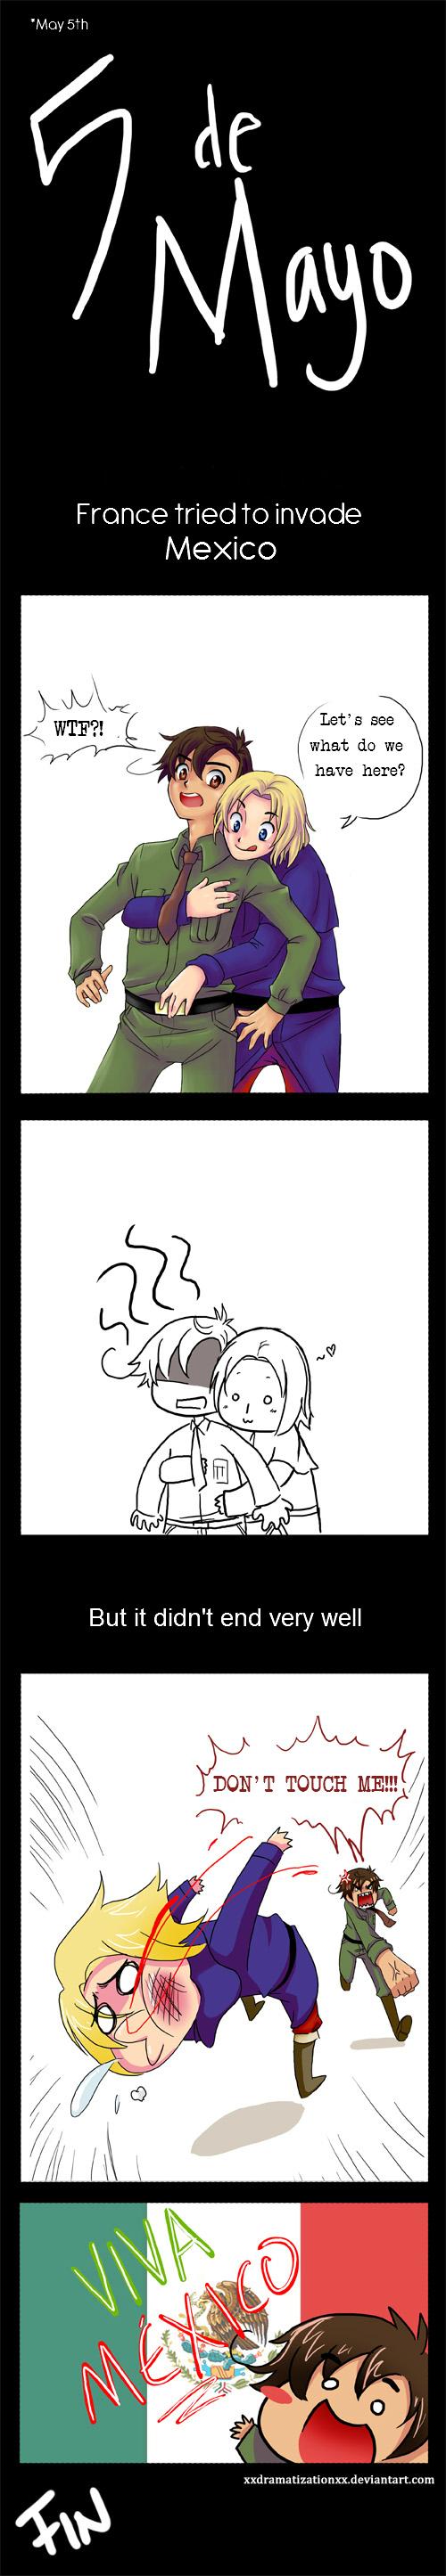 Axis Powers: Hetalia Image #846075 - Zerochan Anime Image Board